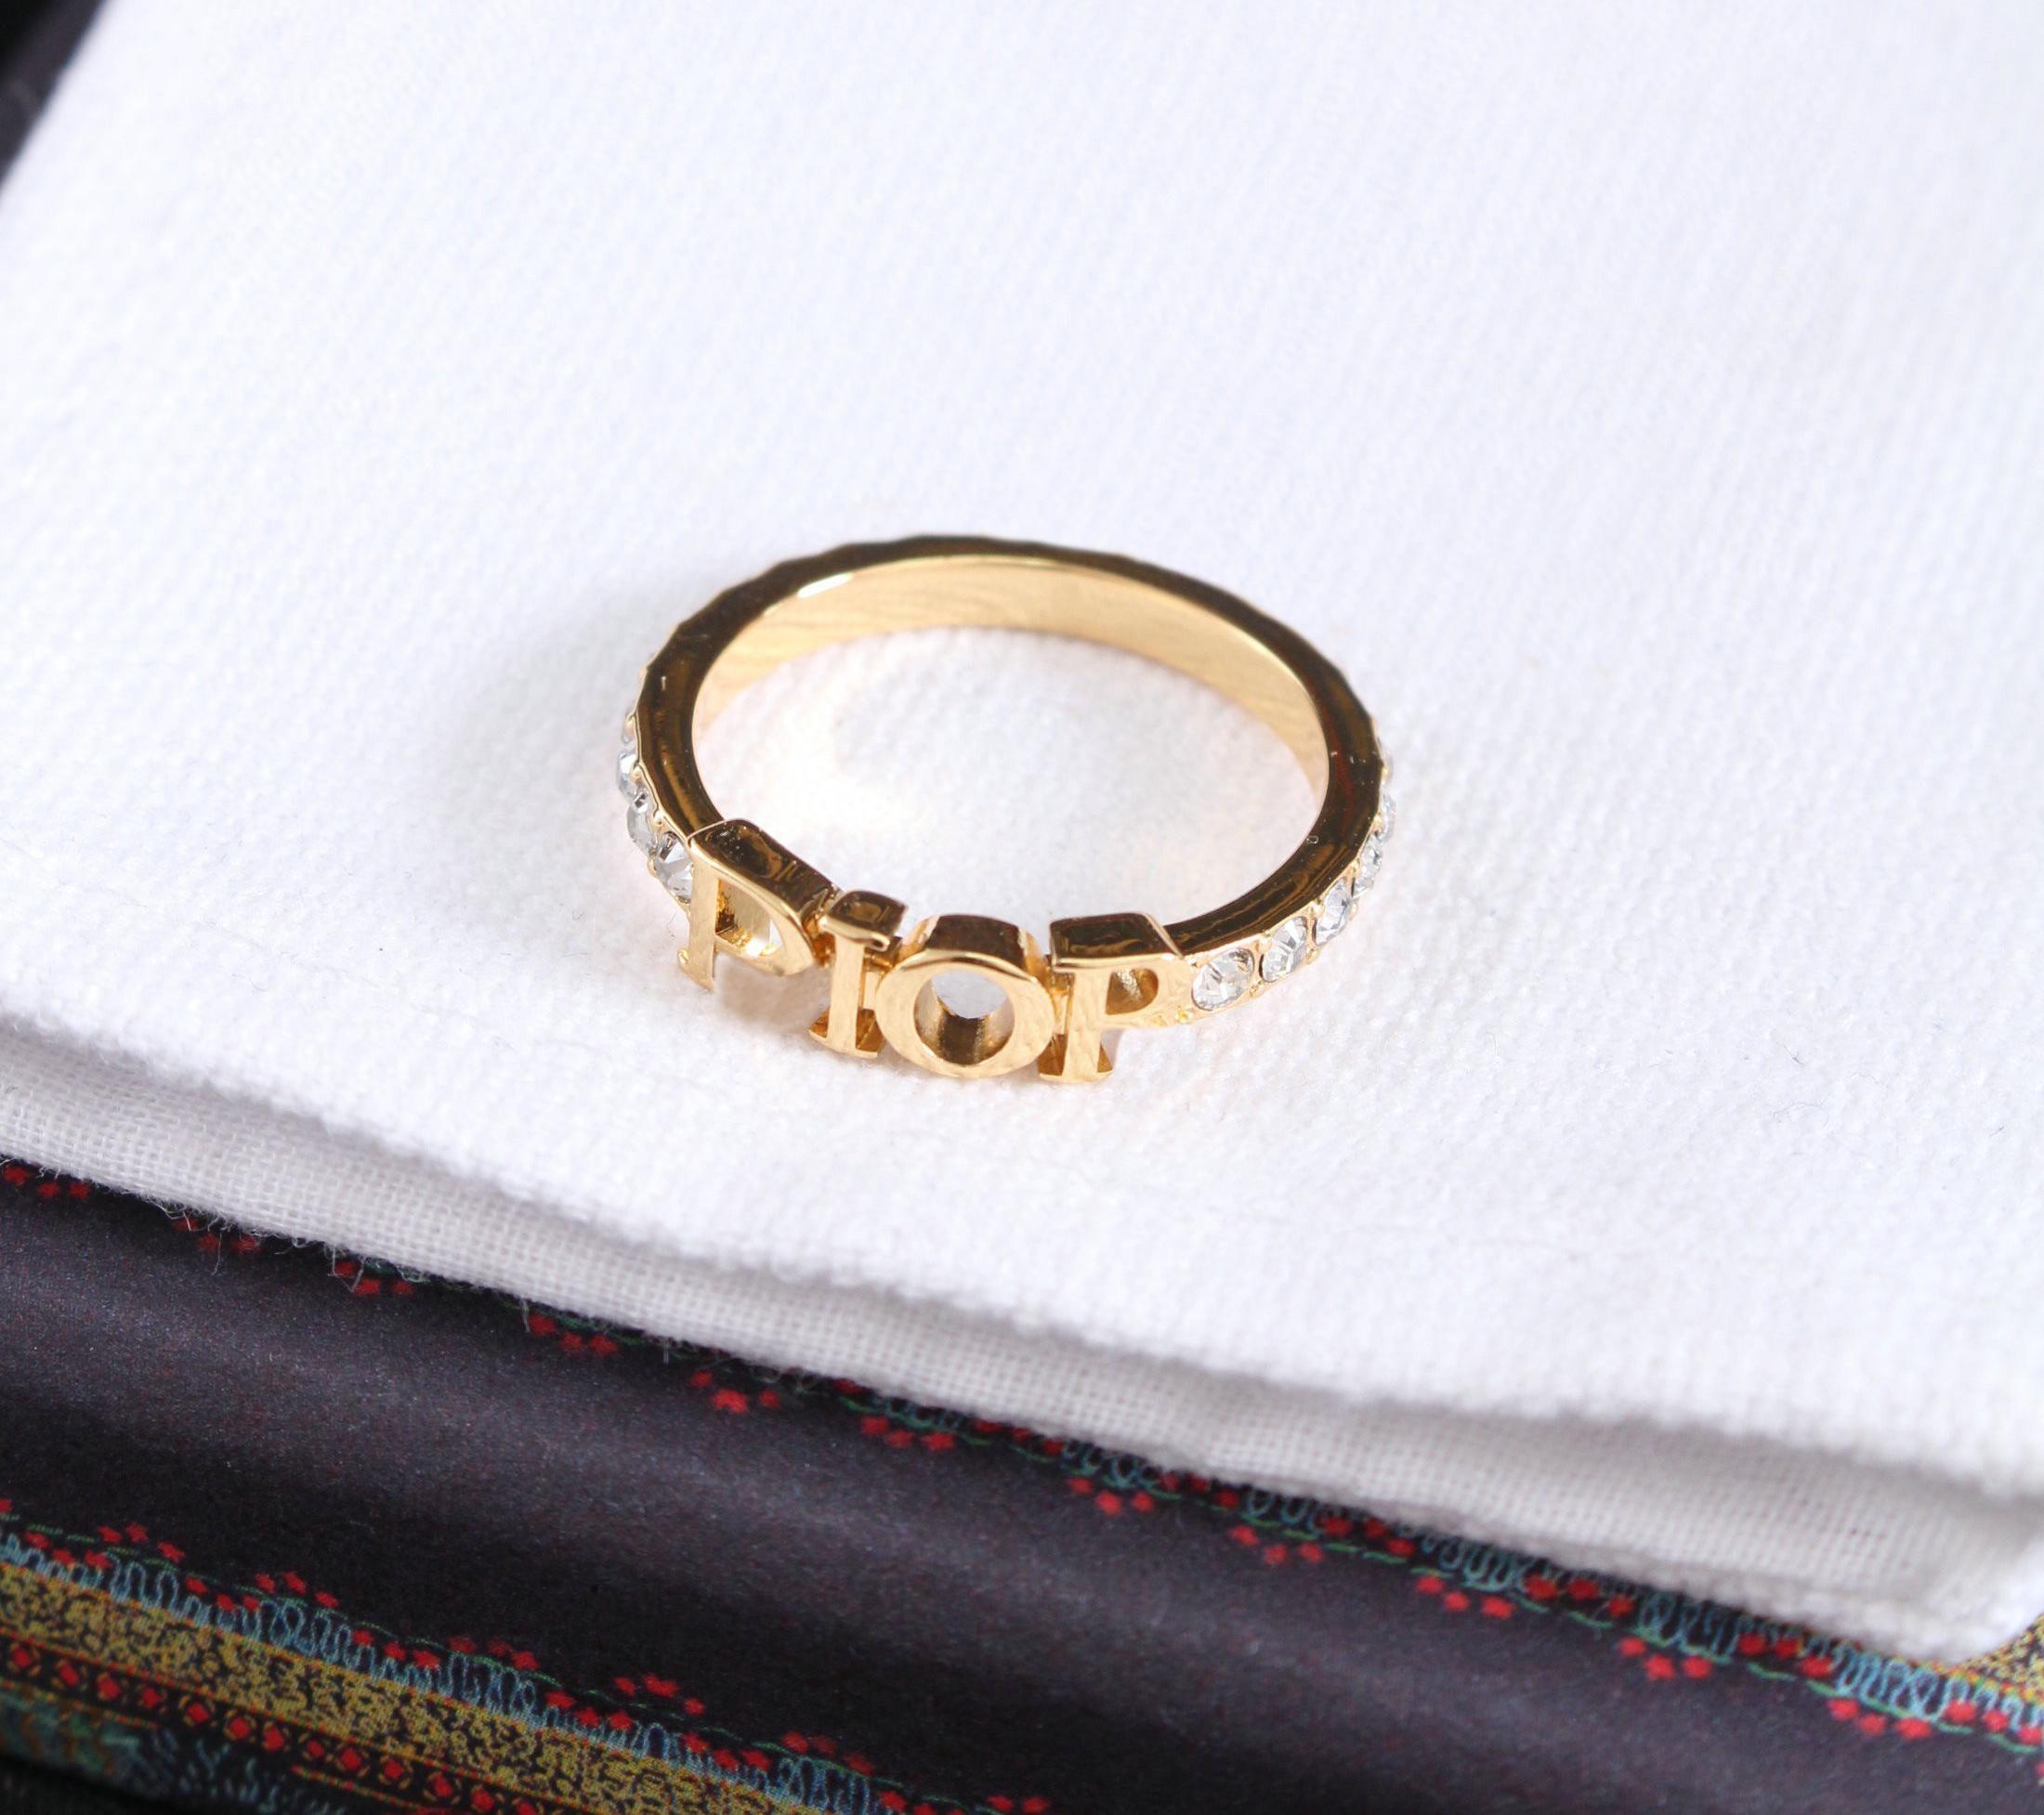 Lettera d'oro Lettera laterali anelli BAGUE PER LADY DONNE DONNA PARTY AMANDE AMANDE GIOCAGGAMENTO IMPEGNO GIOIELLI CON BOX